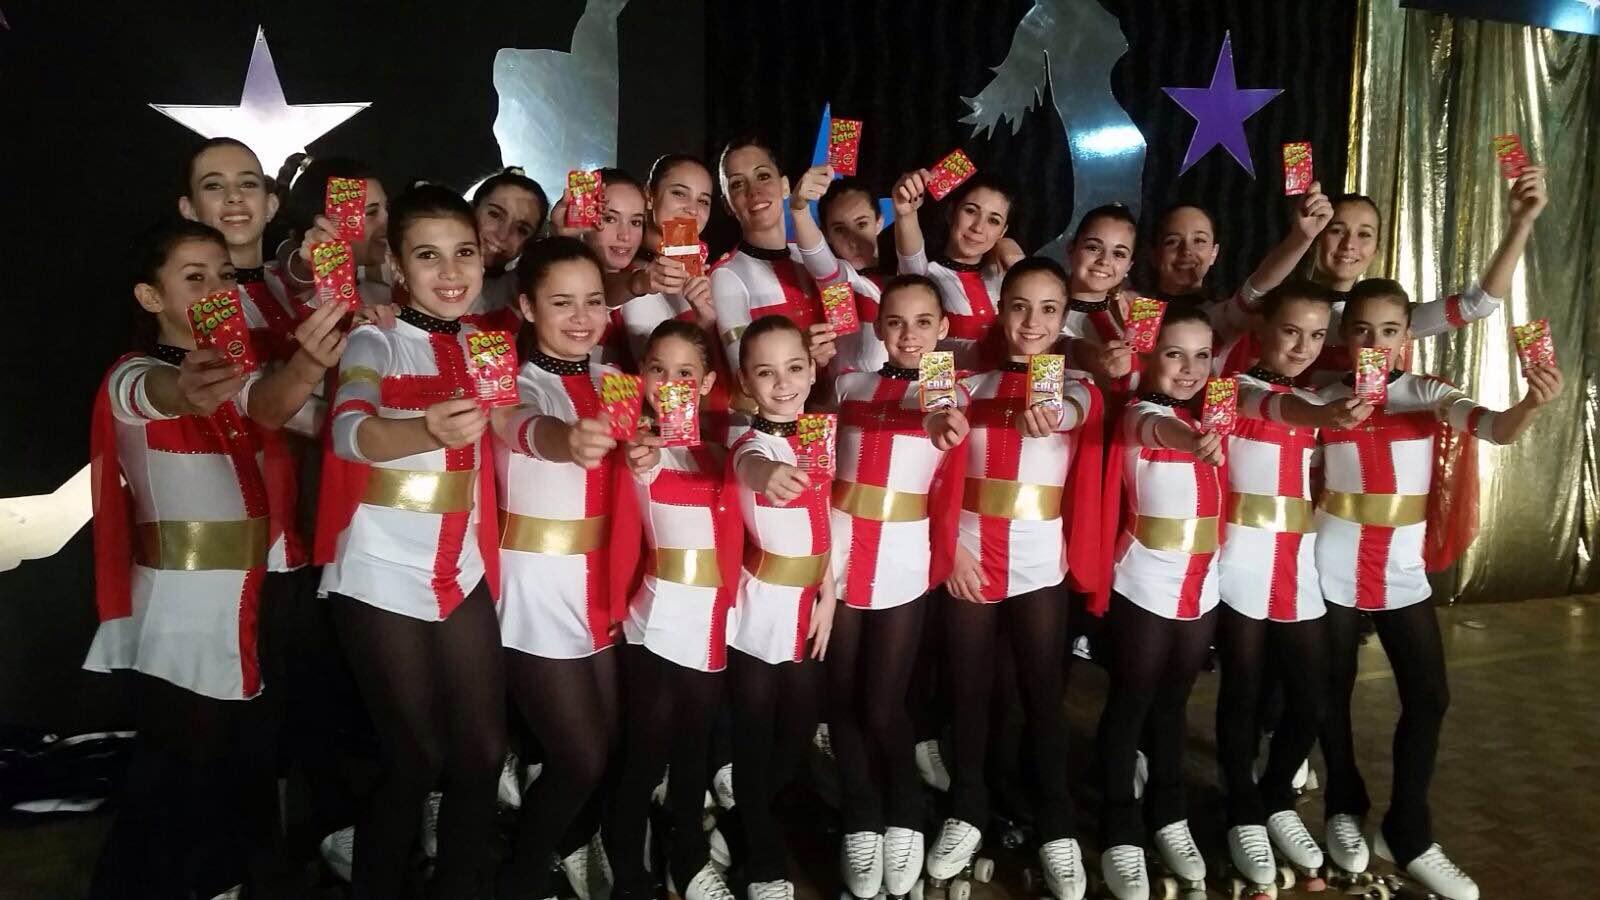 Festi 2015 Peta Zetas